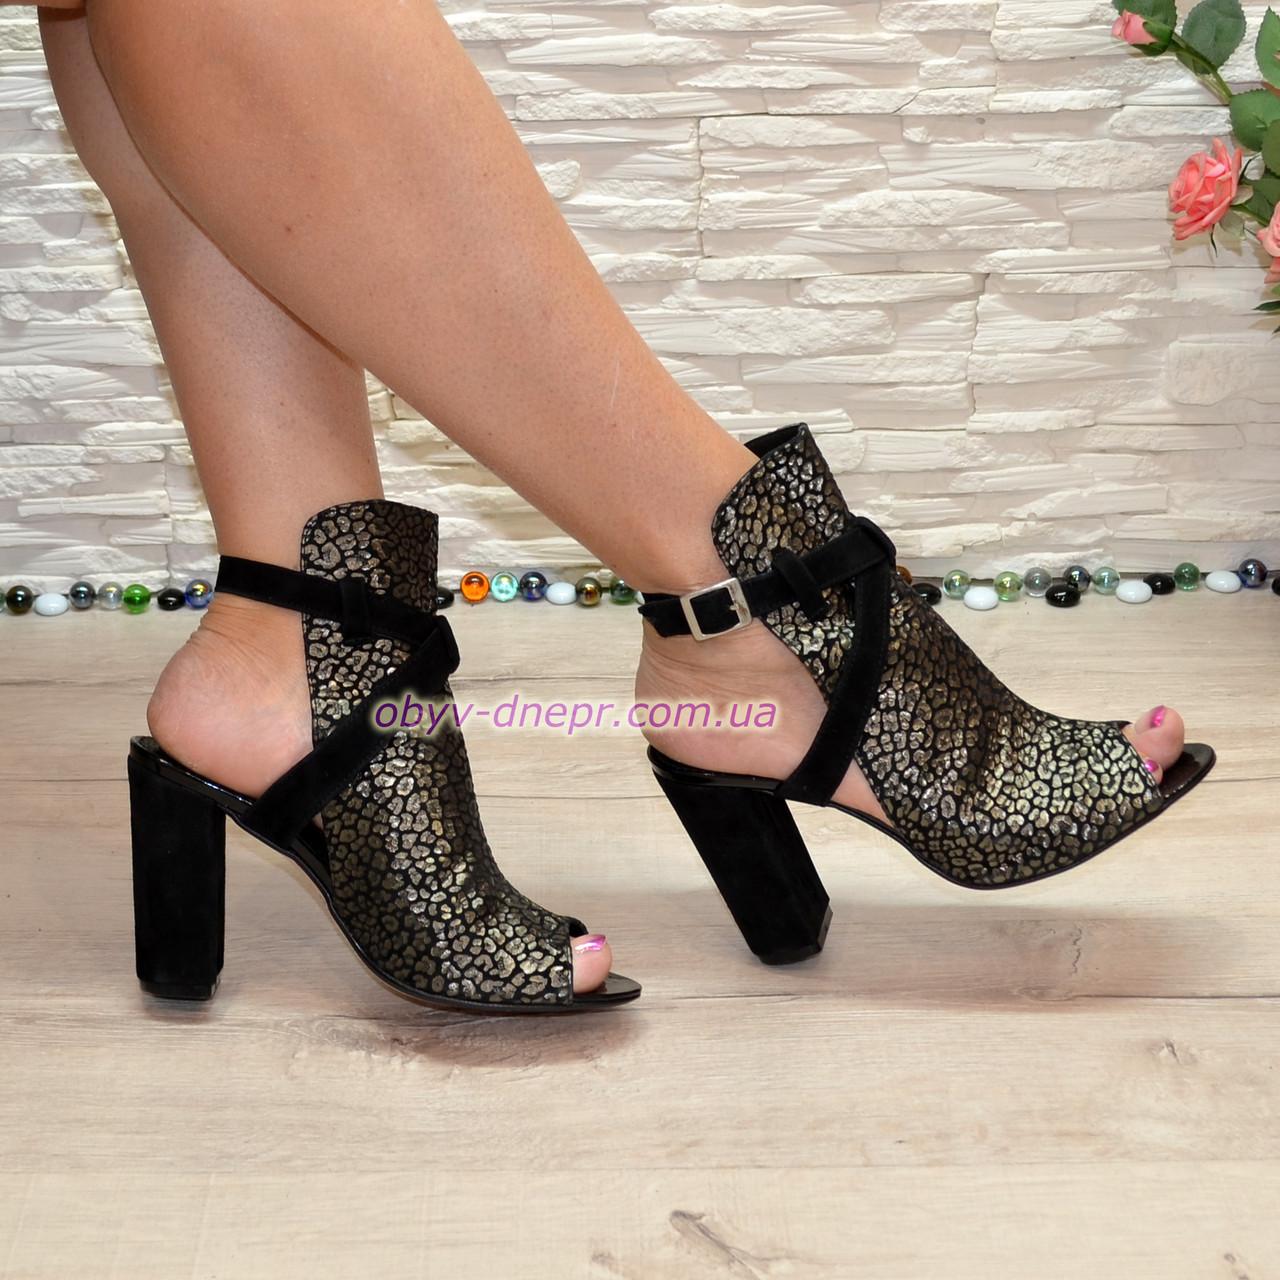 Женские замшевые босоножки на высоком устойчивом каблуке. 37 размер